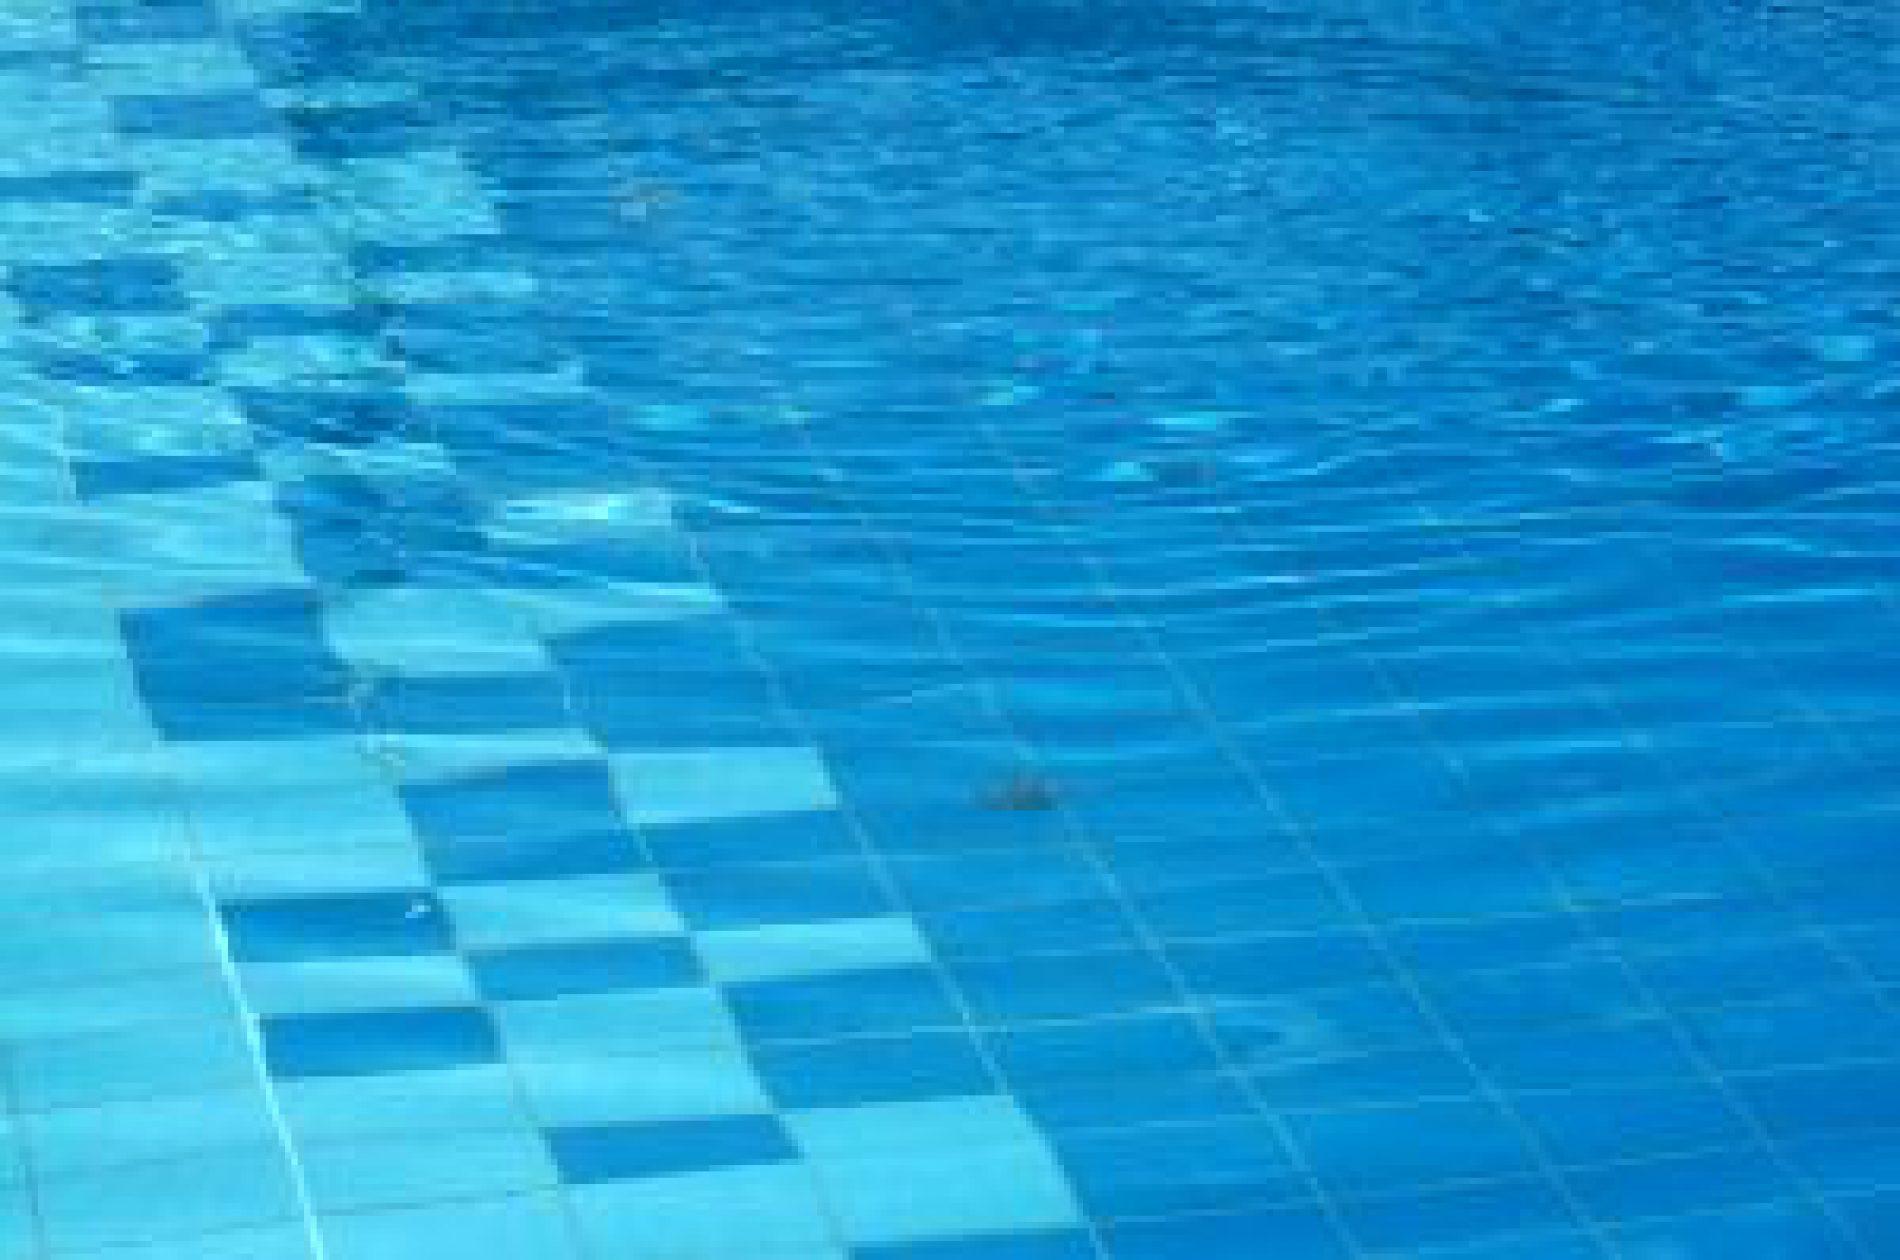 Uroczyste zakończenie kariery sportowej Otylii Jędrzejczak w Aquasferze